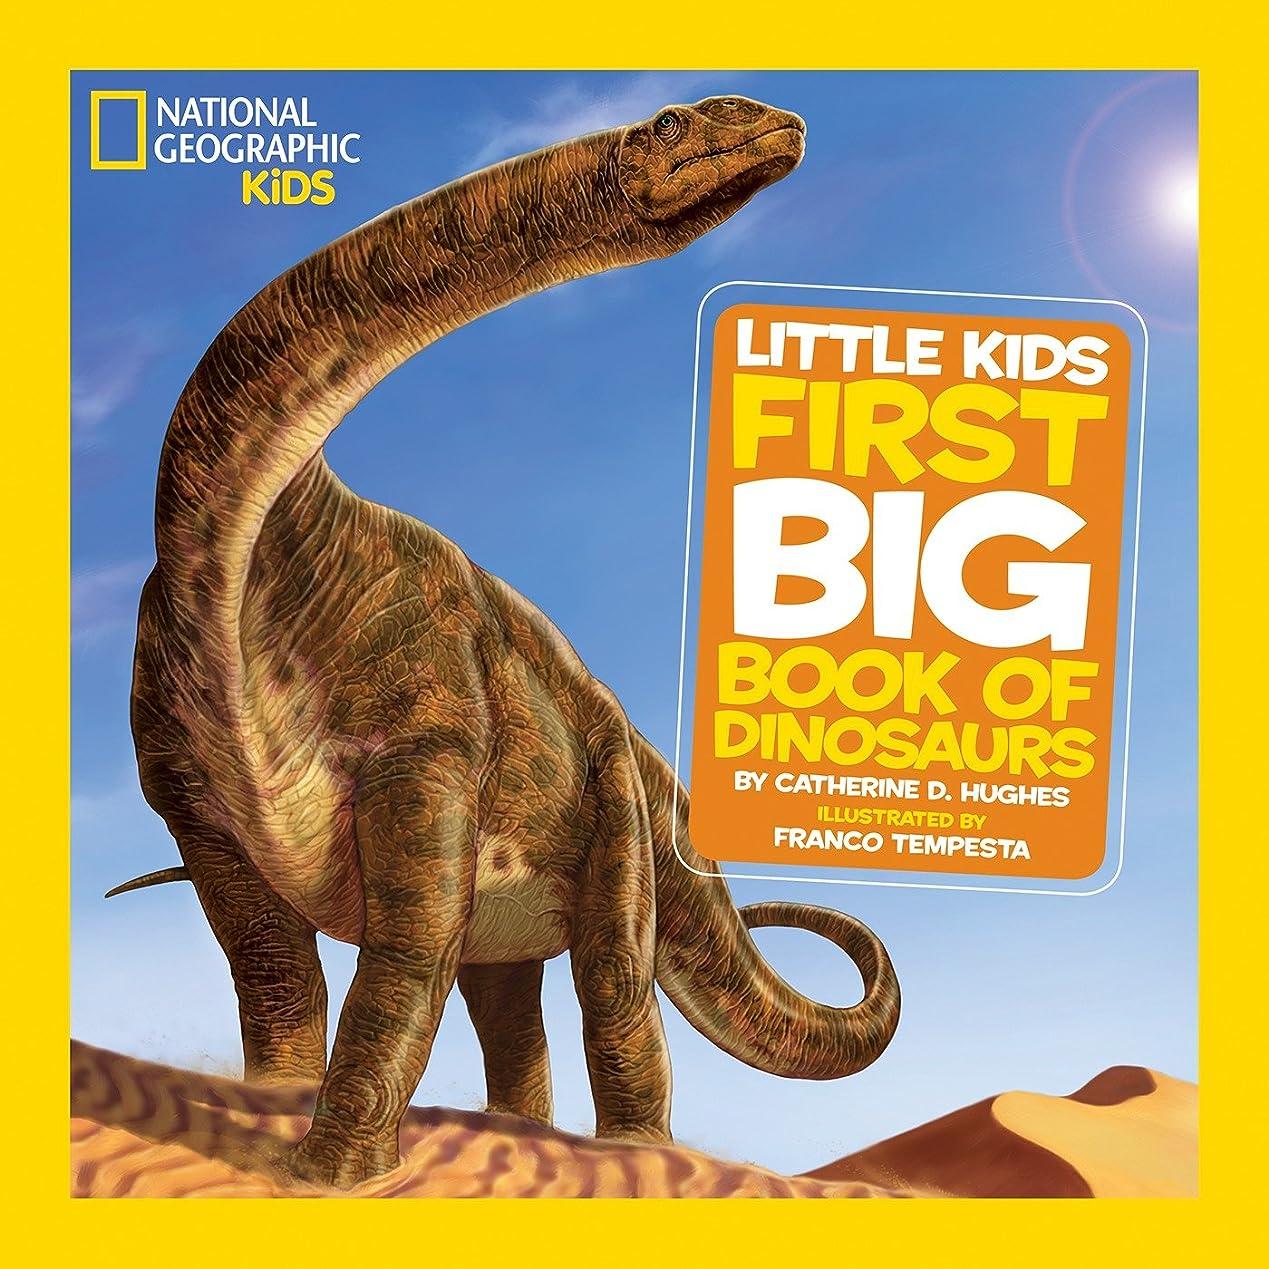 尊敬グリル腹痛National Geographic Little Kids First Big Book of Dinosaurs (National Geographic Little Kids First Big Books) (English Edition)